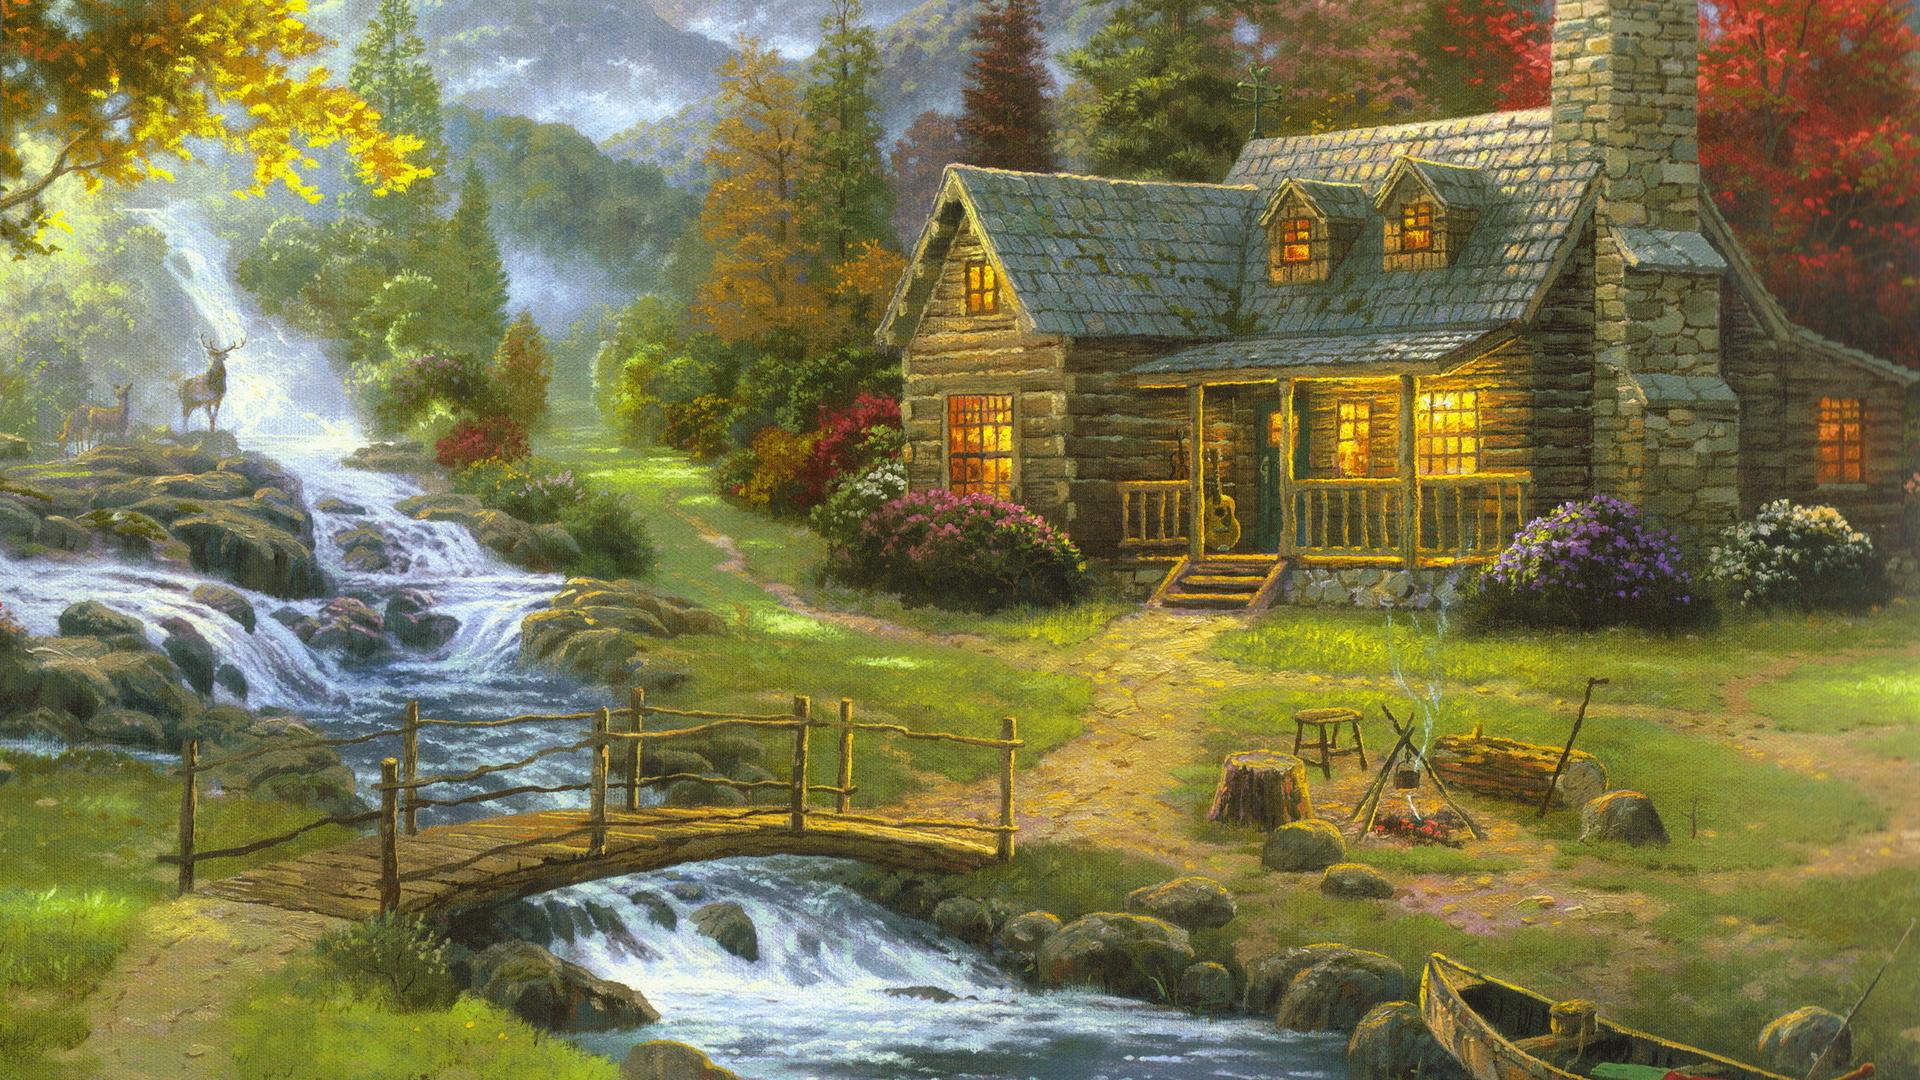 Wallpaper forest house guitar mountain river wooden bridge fire 1920x1080